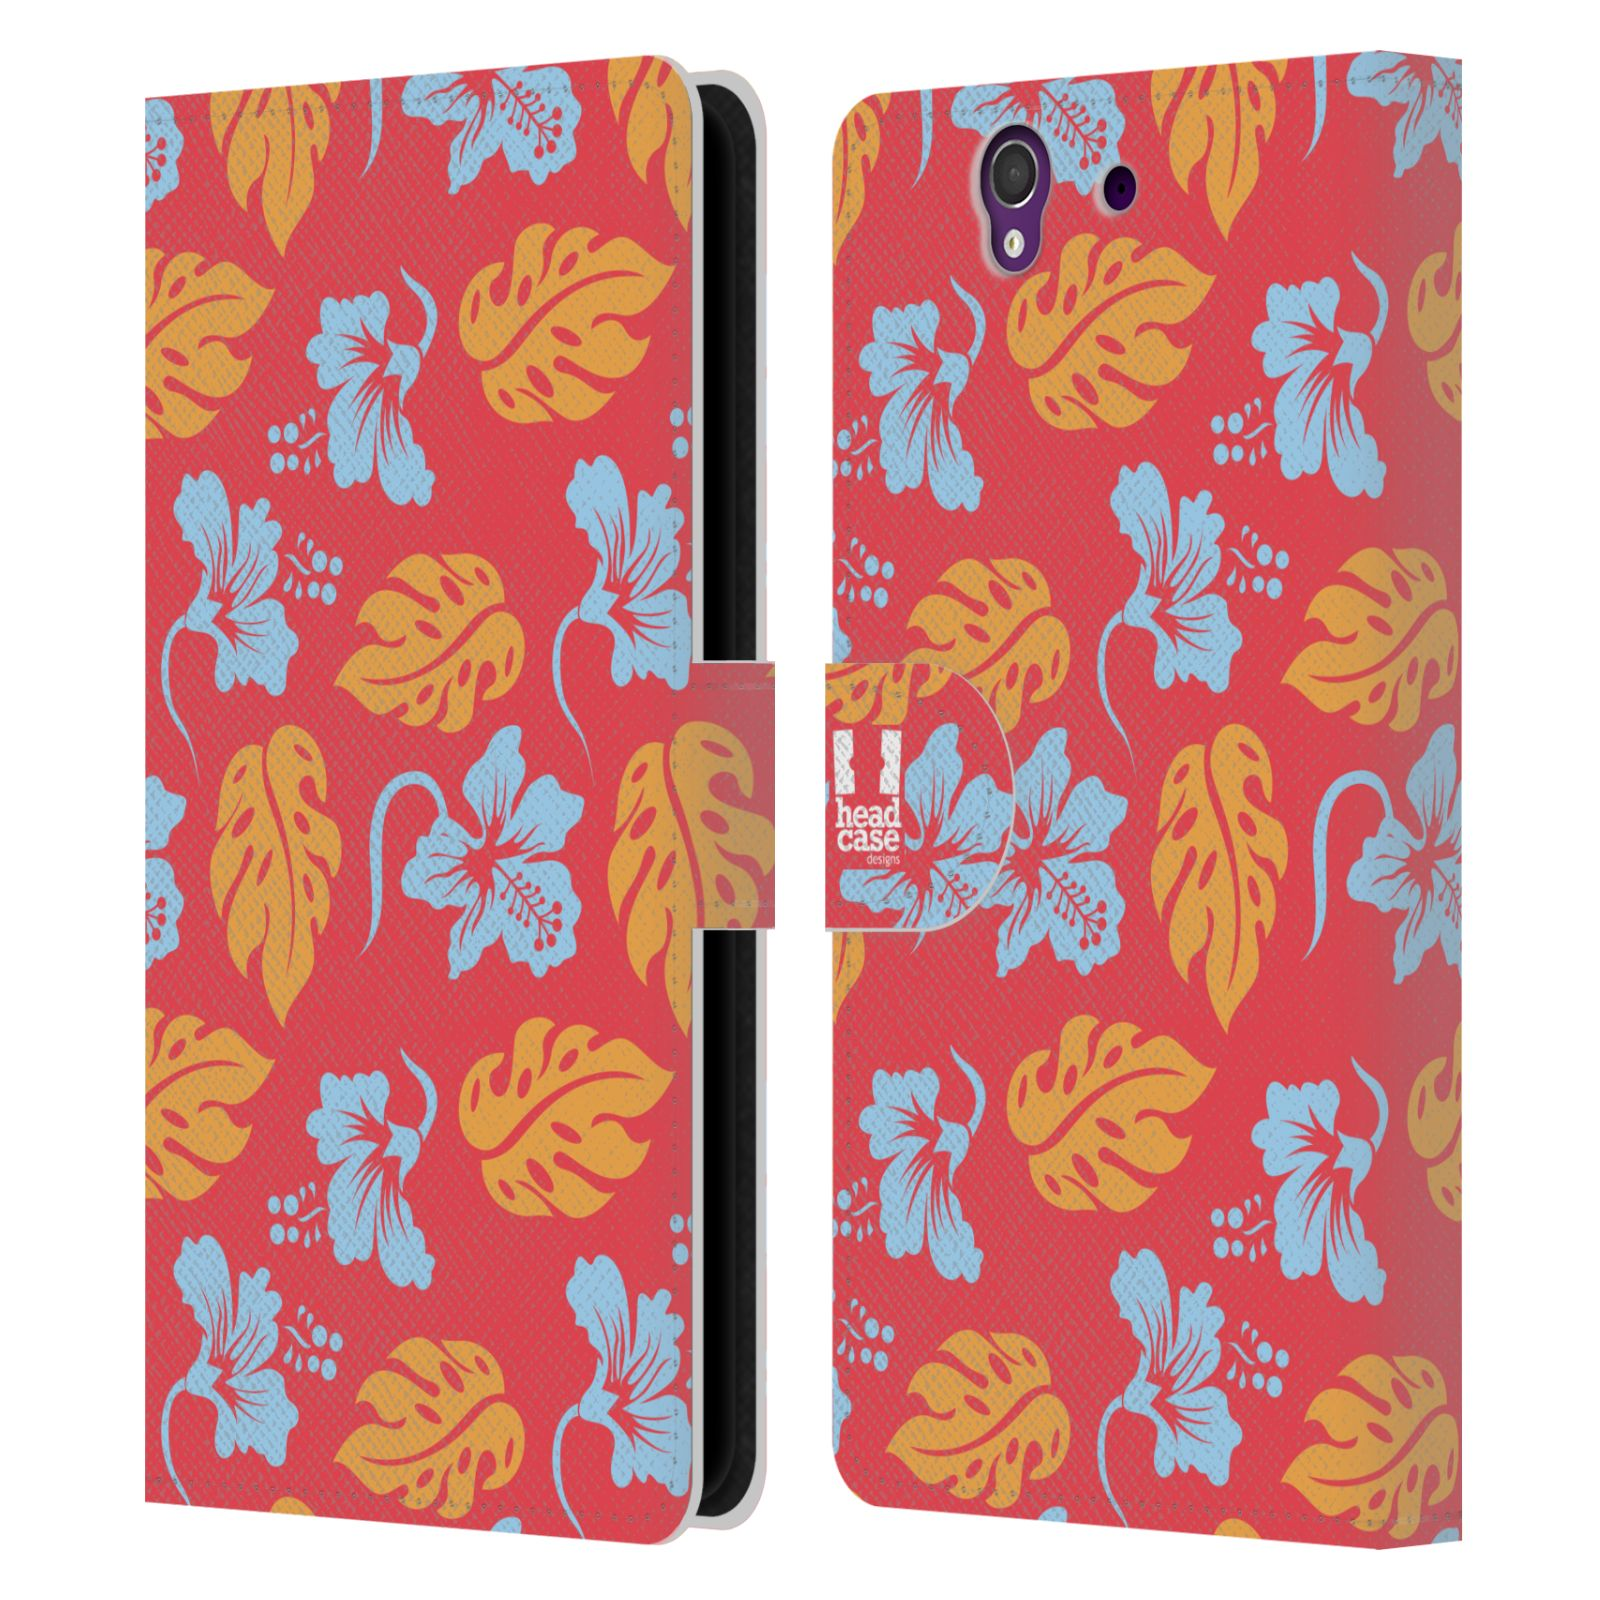 HEAD CASE Flipové pouzdro pro mobil SONY XPERIA Z (C6603) Havajský vzor listy růžová